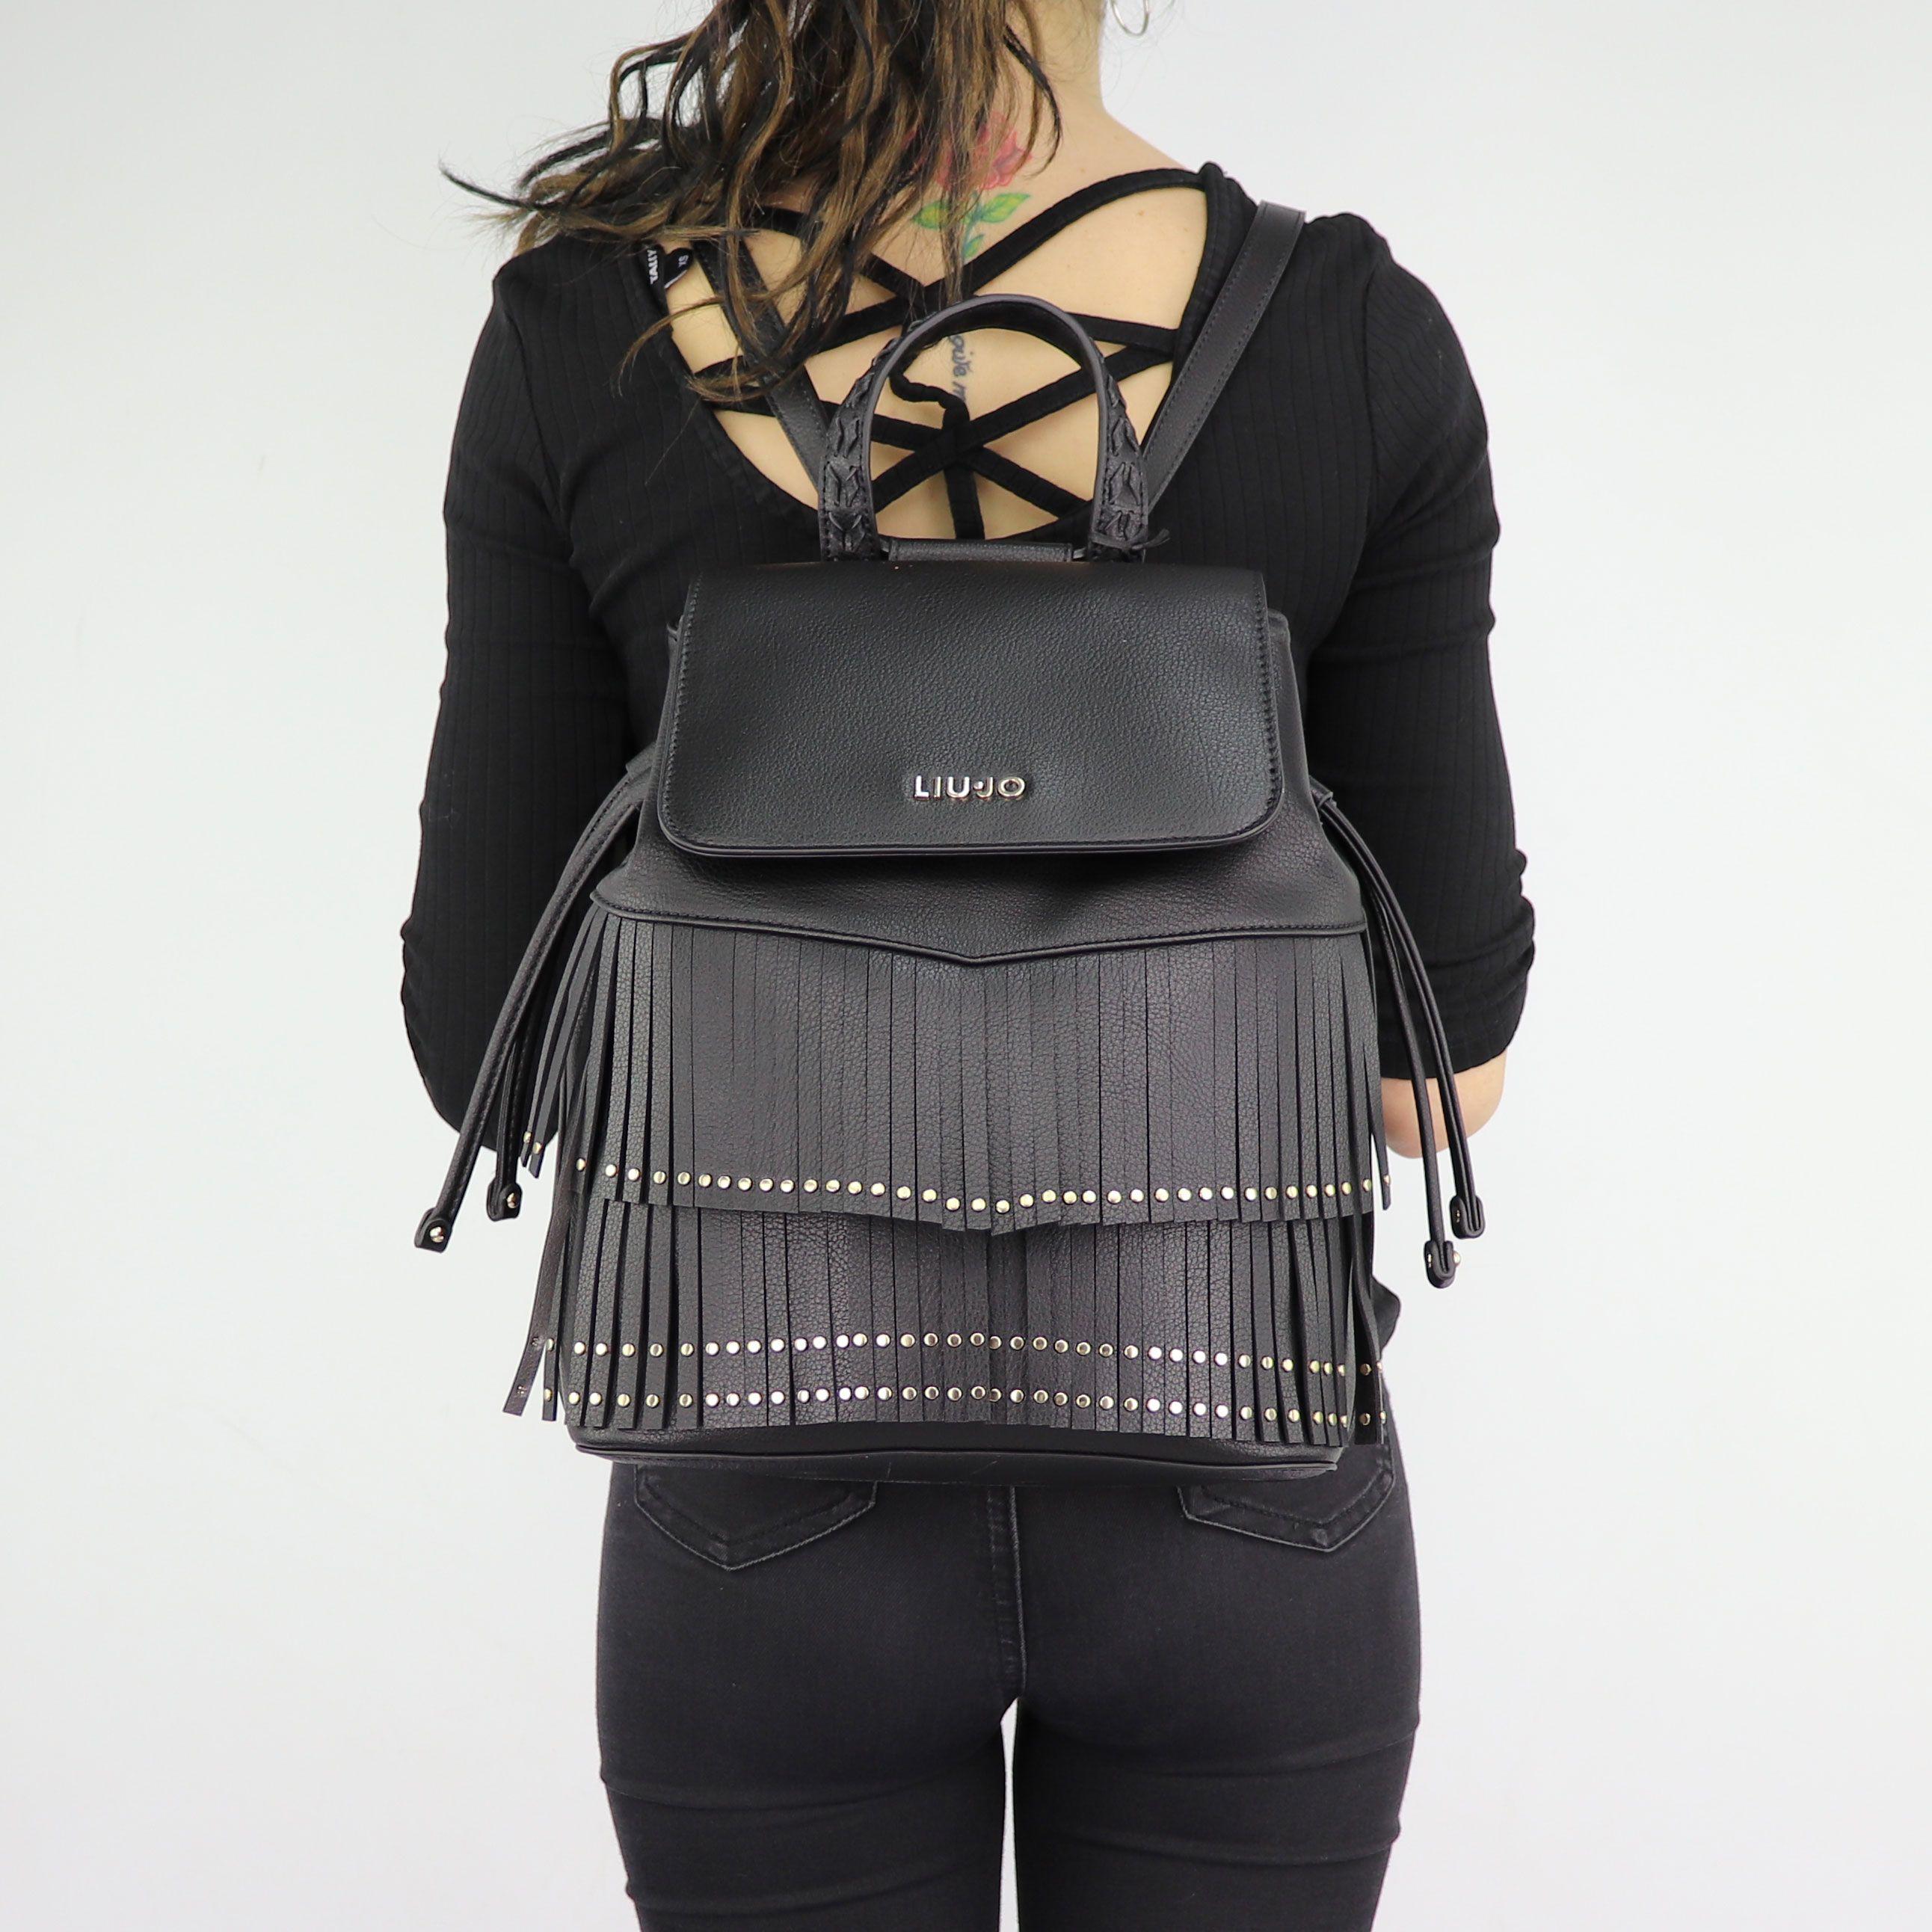 Backpack Liu Jo black Brera N68194 E0031 In More Est Store